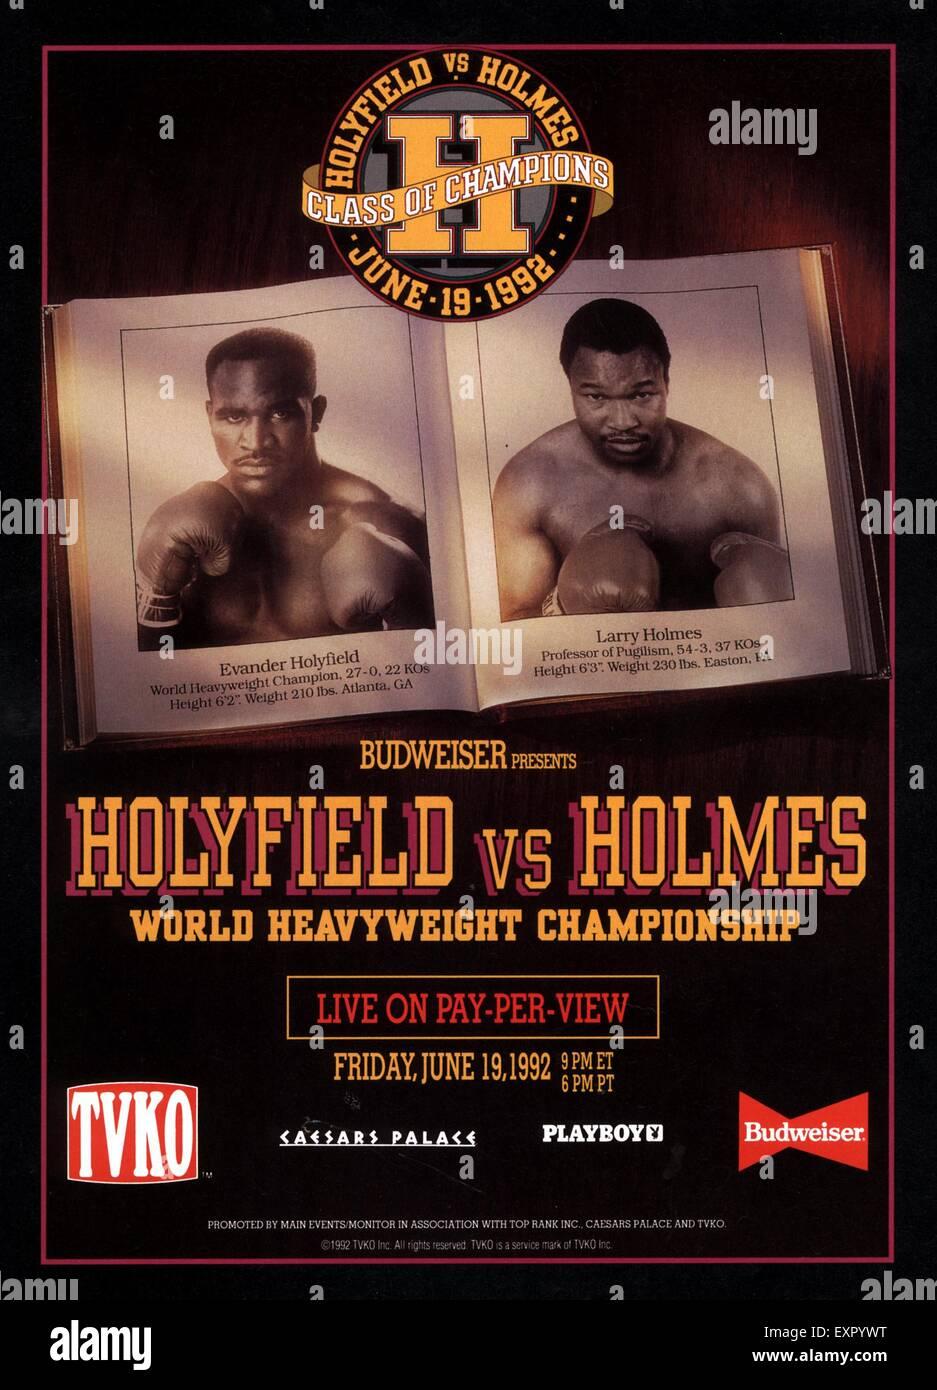 1990er Jahren USA Boxing Poster Stockbild